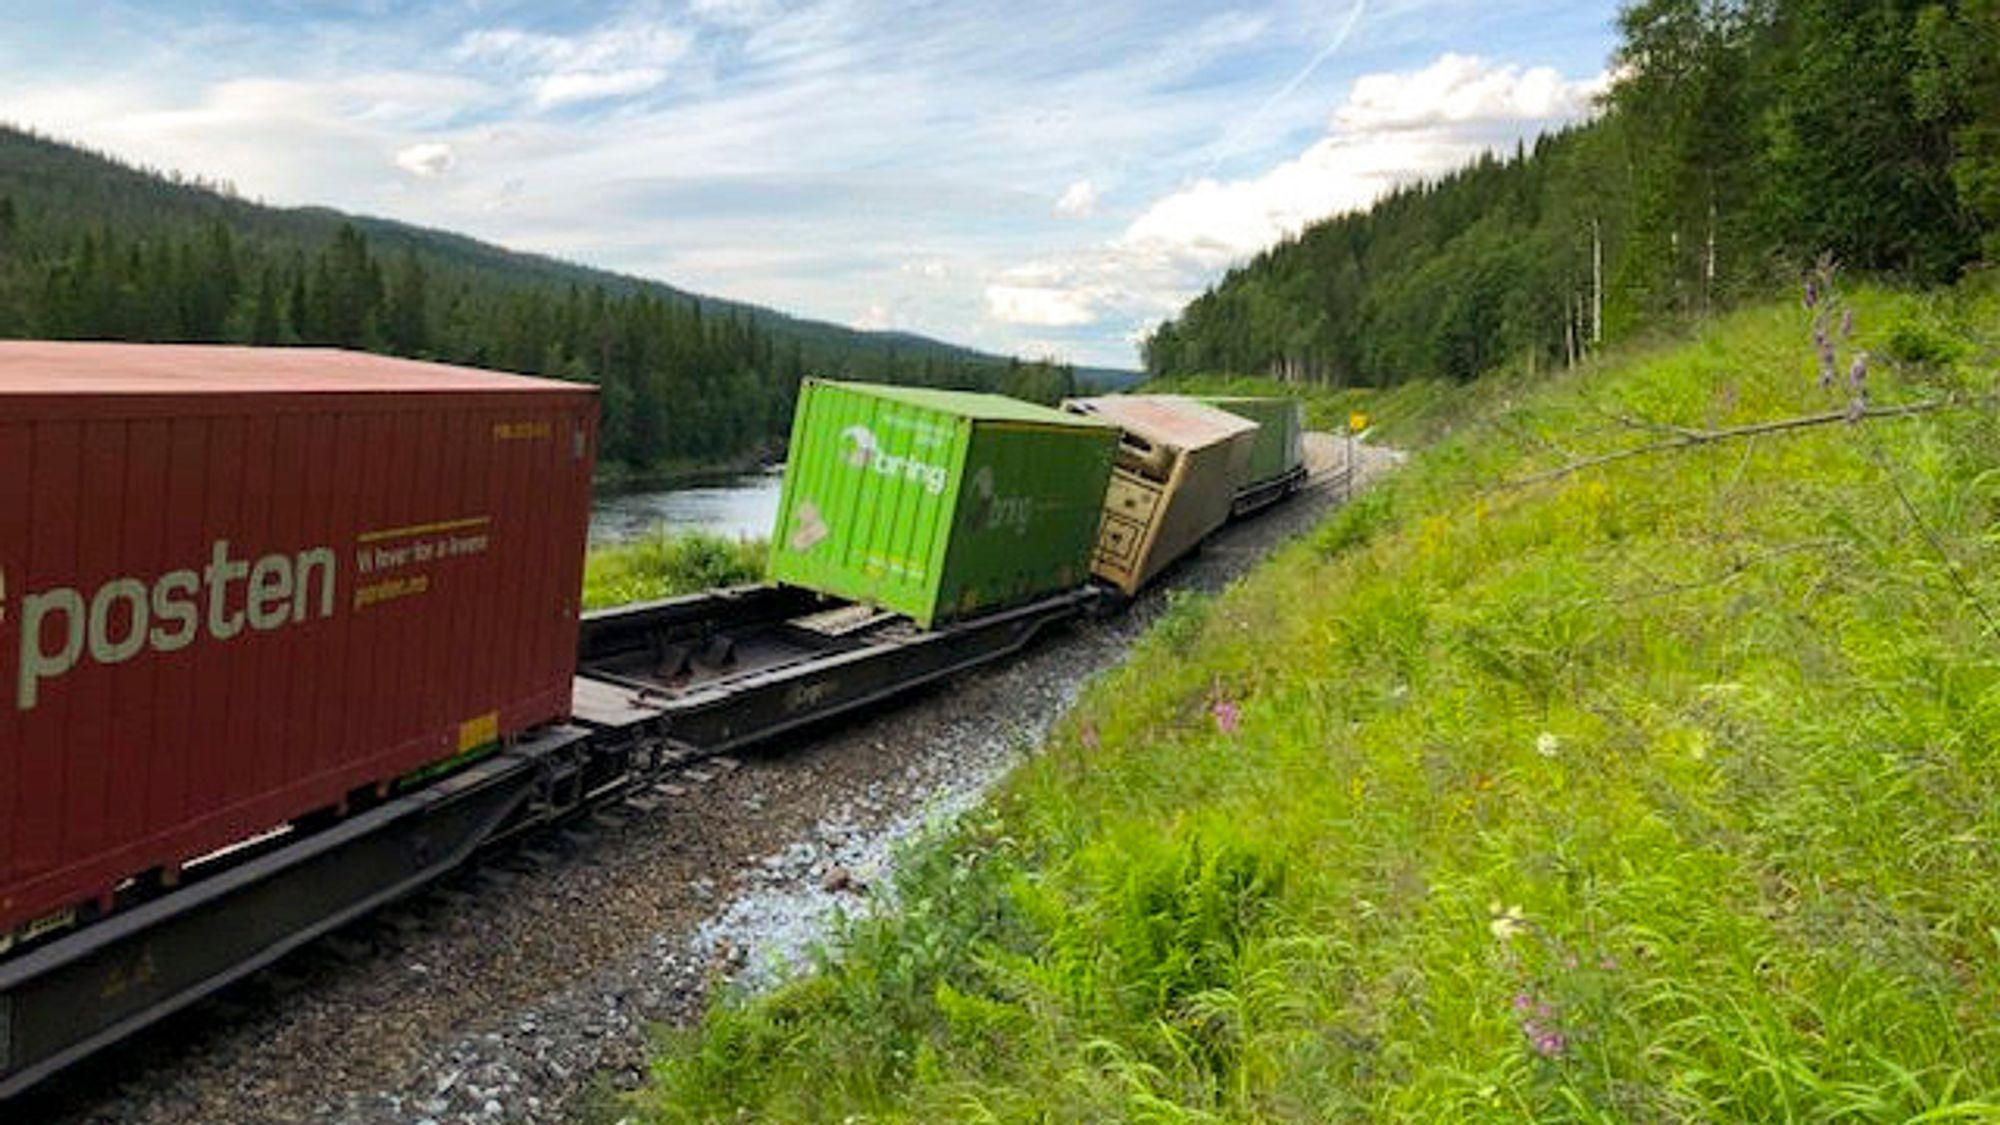 Nordlandsbanen er sperret mellom Namsskogan og Majavatn. Togselskapet Vy har satt opp pendlerbus for passasjerer forbi ulykkesstedet. Bane Nor er usikre på når banen er åpnet igjen, men i beste fall kan det skje på mandag. Foto: Bane Nor / NTB scanpix